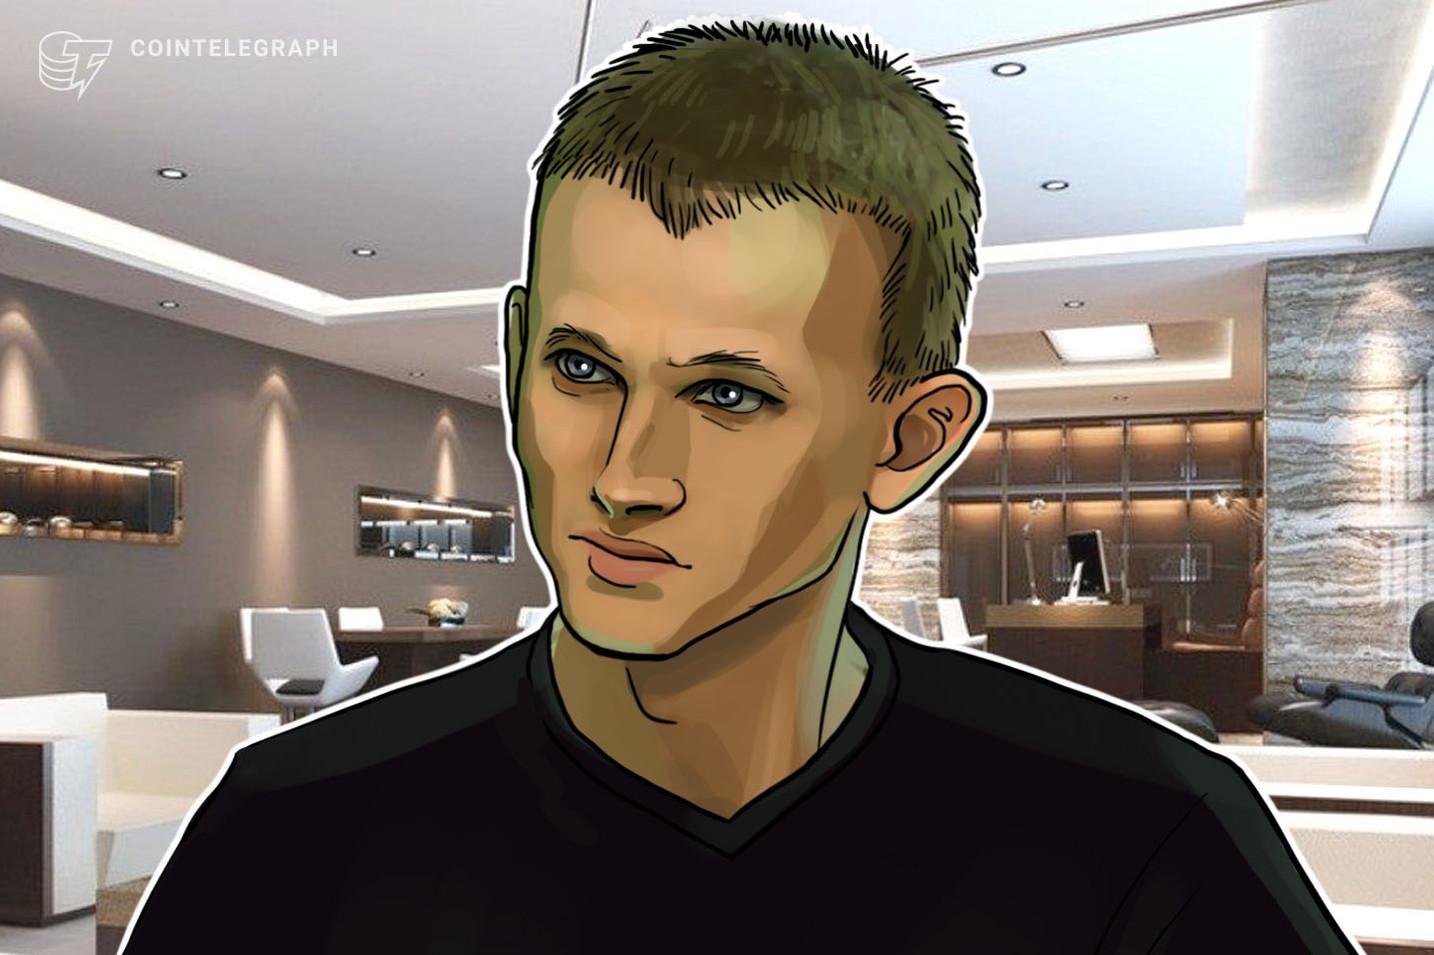 イーサリアム共同創設者ヴィタリック・ブテリン氏、競合の仮想通貨EOSに「一定の敬意」